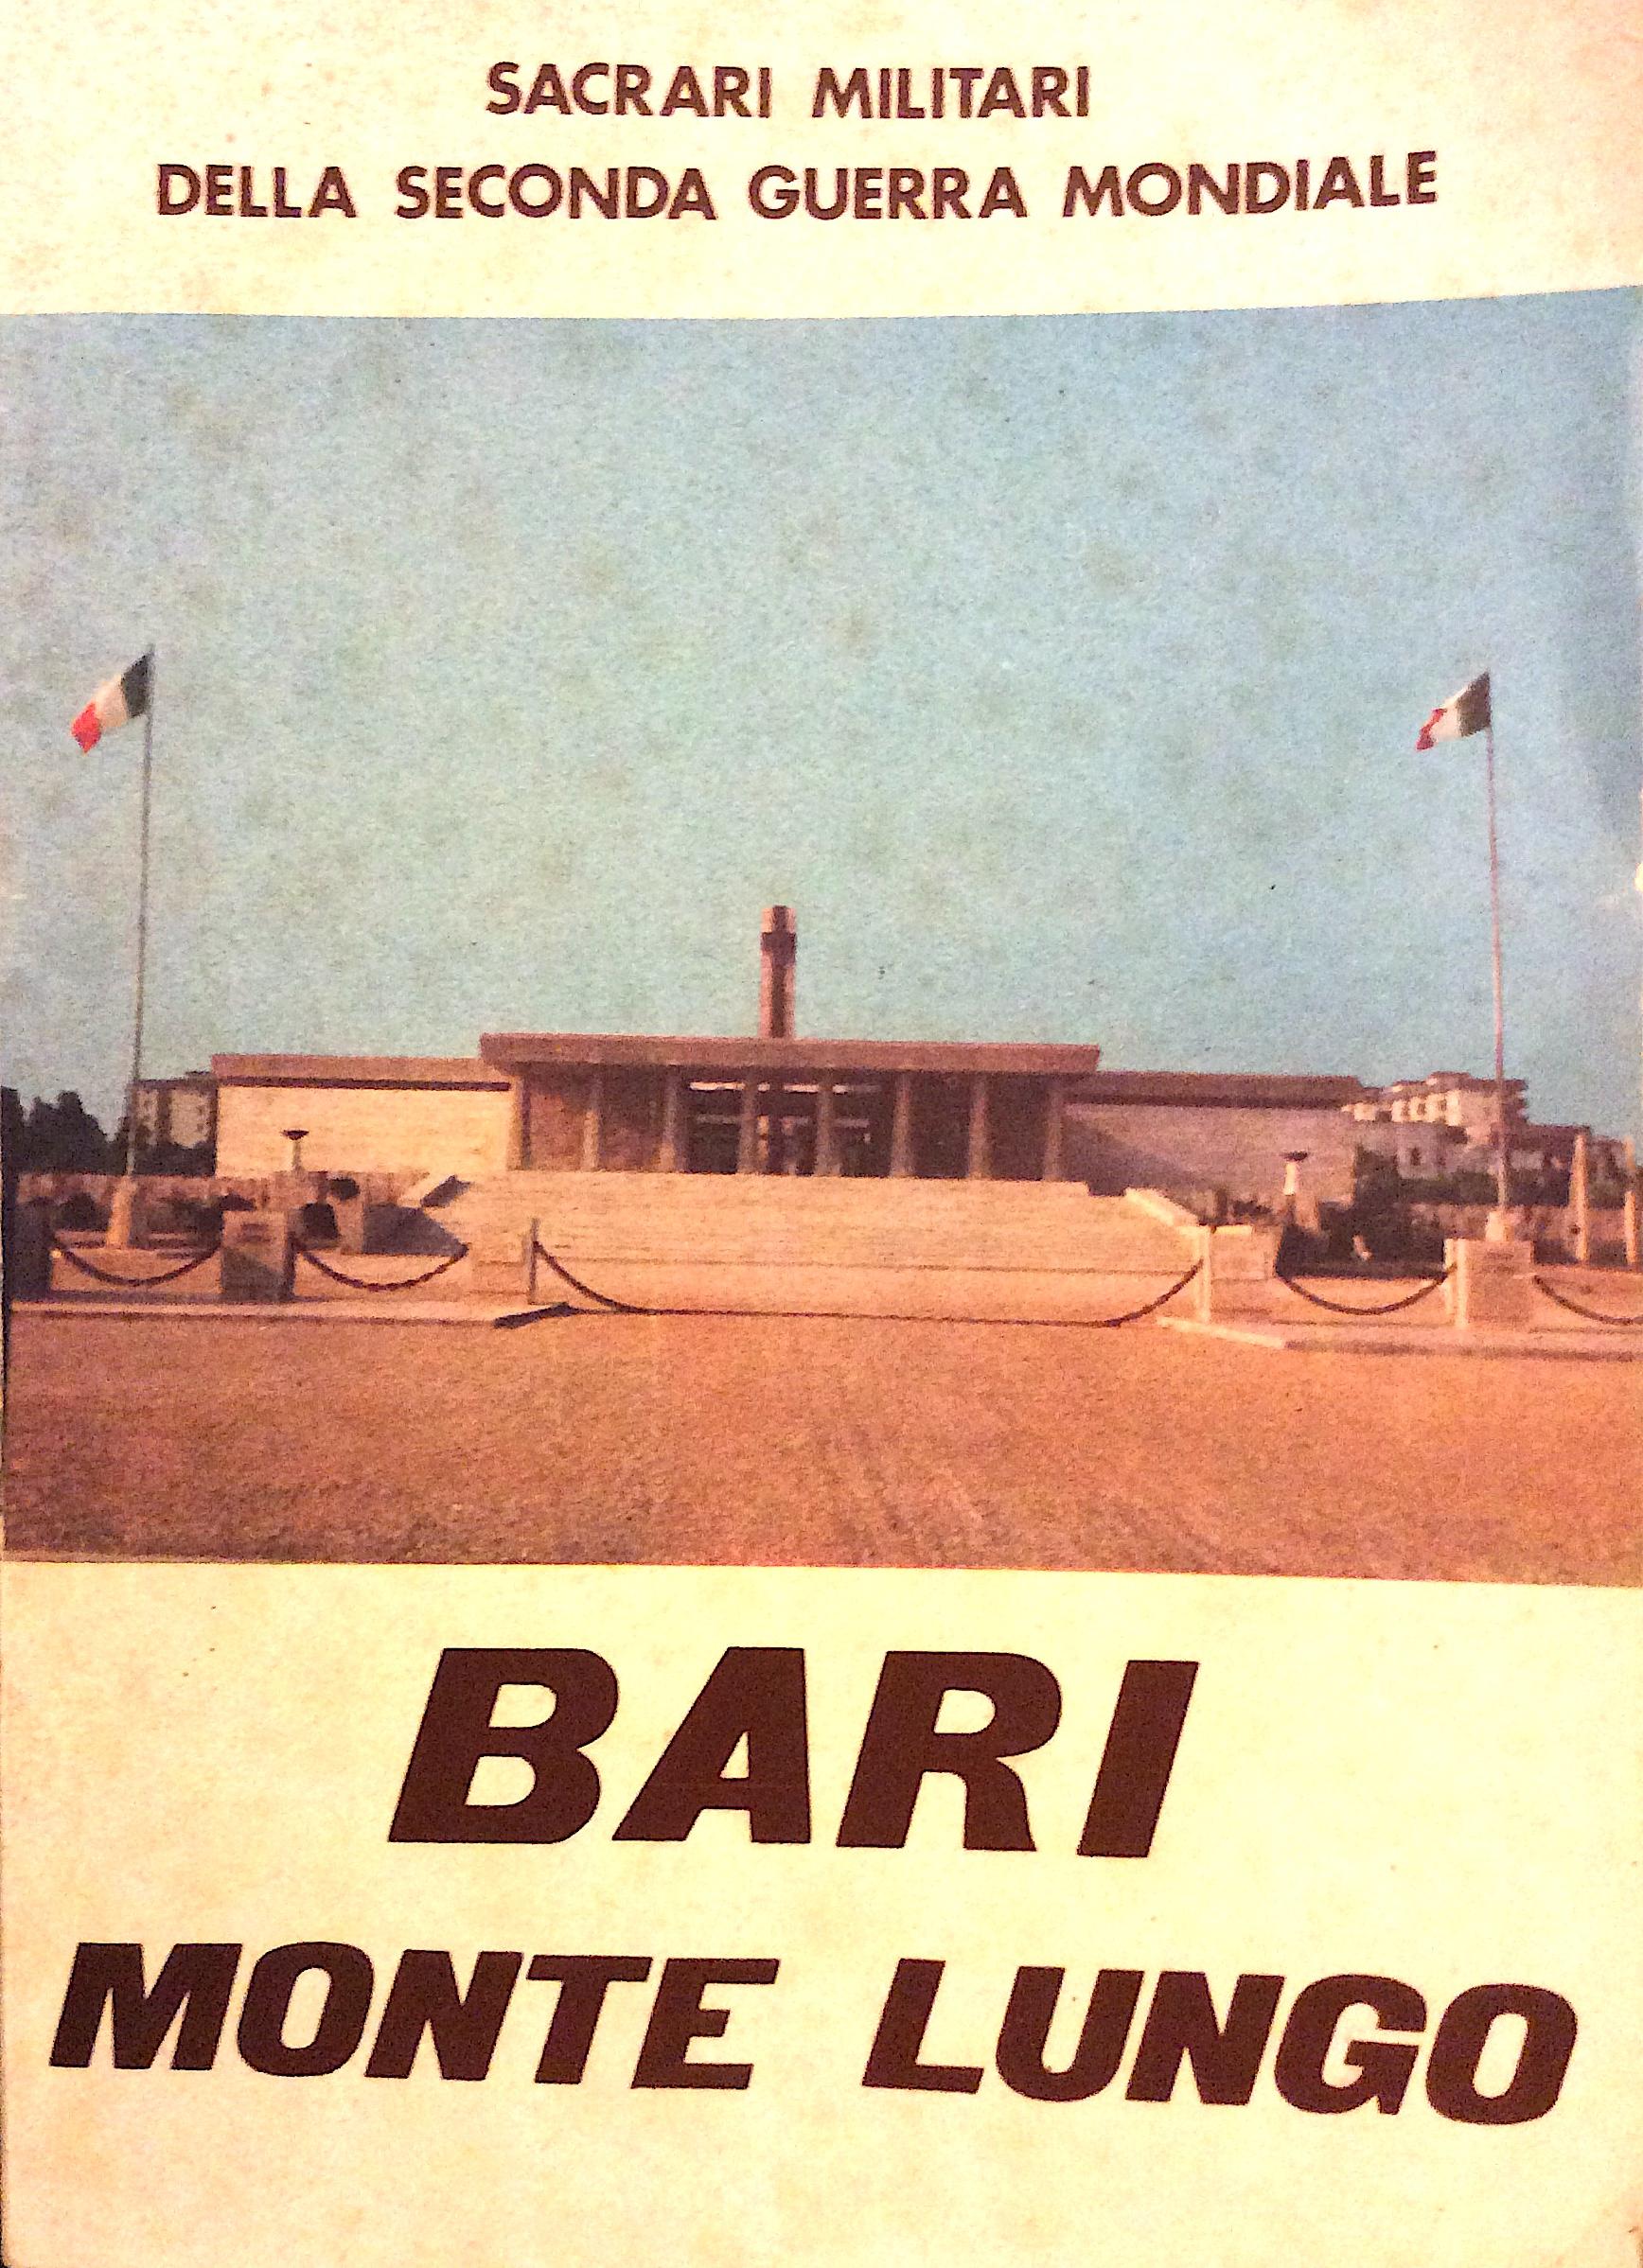 Bari Monte Lungo